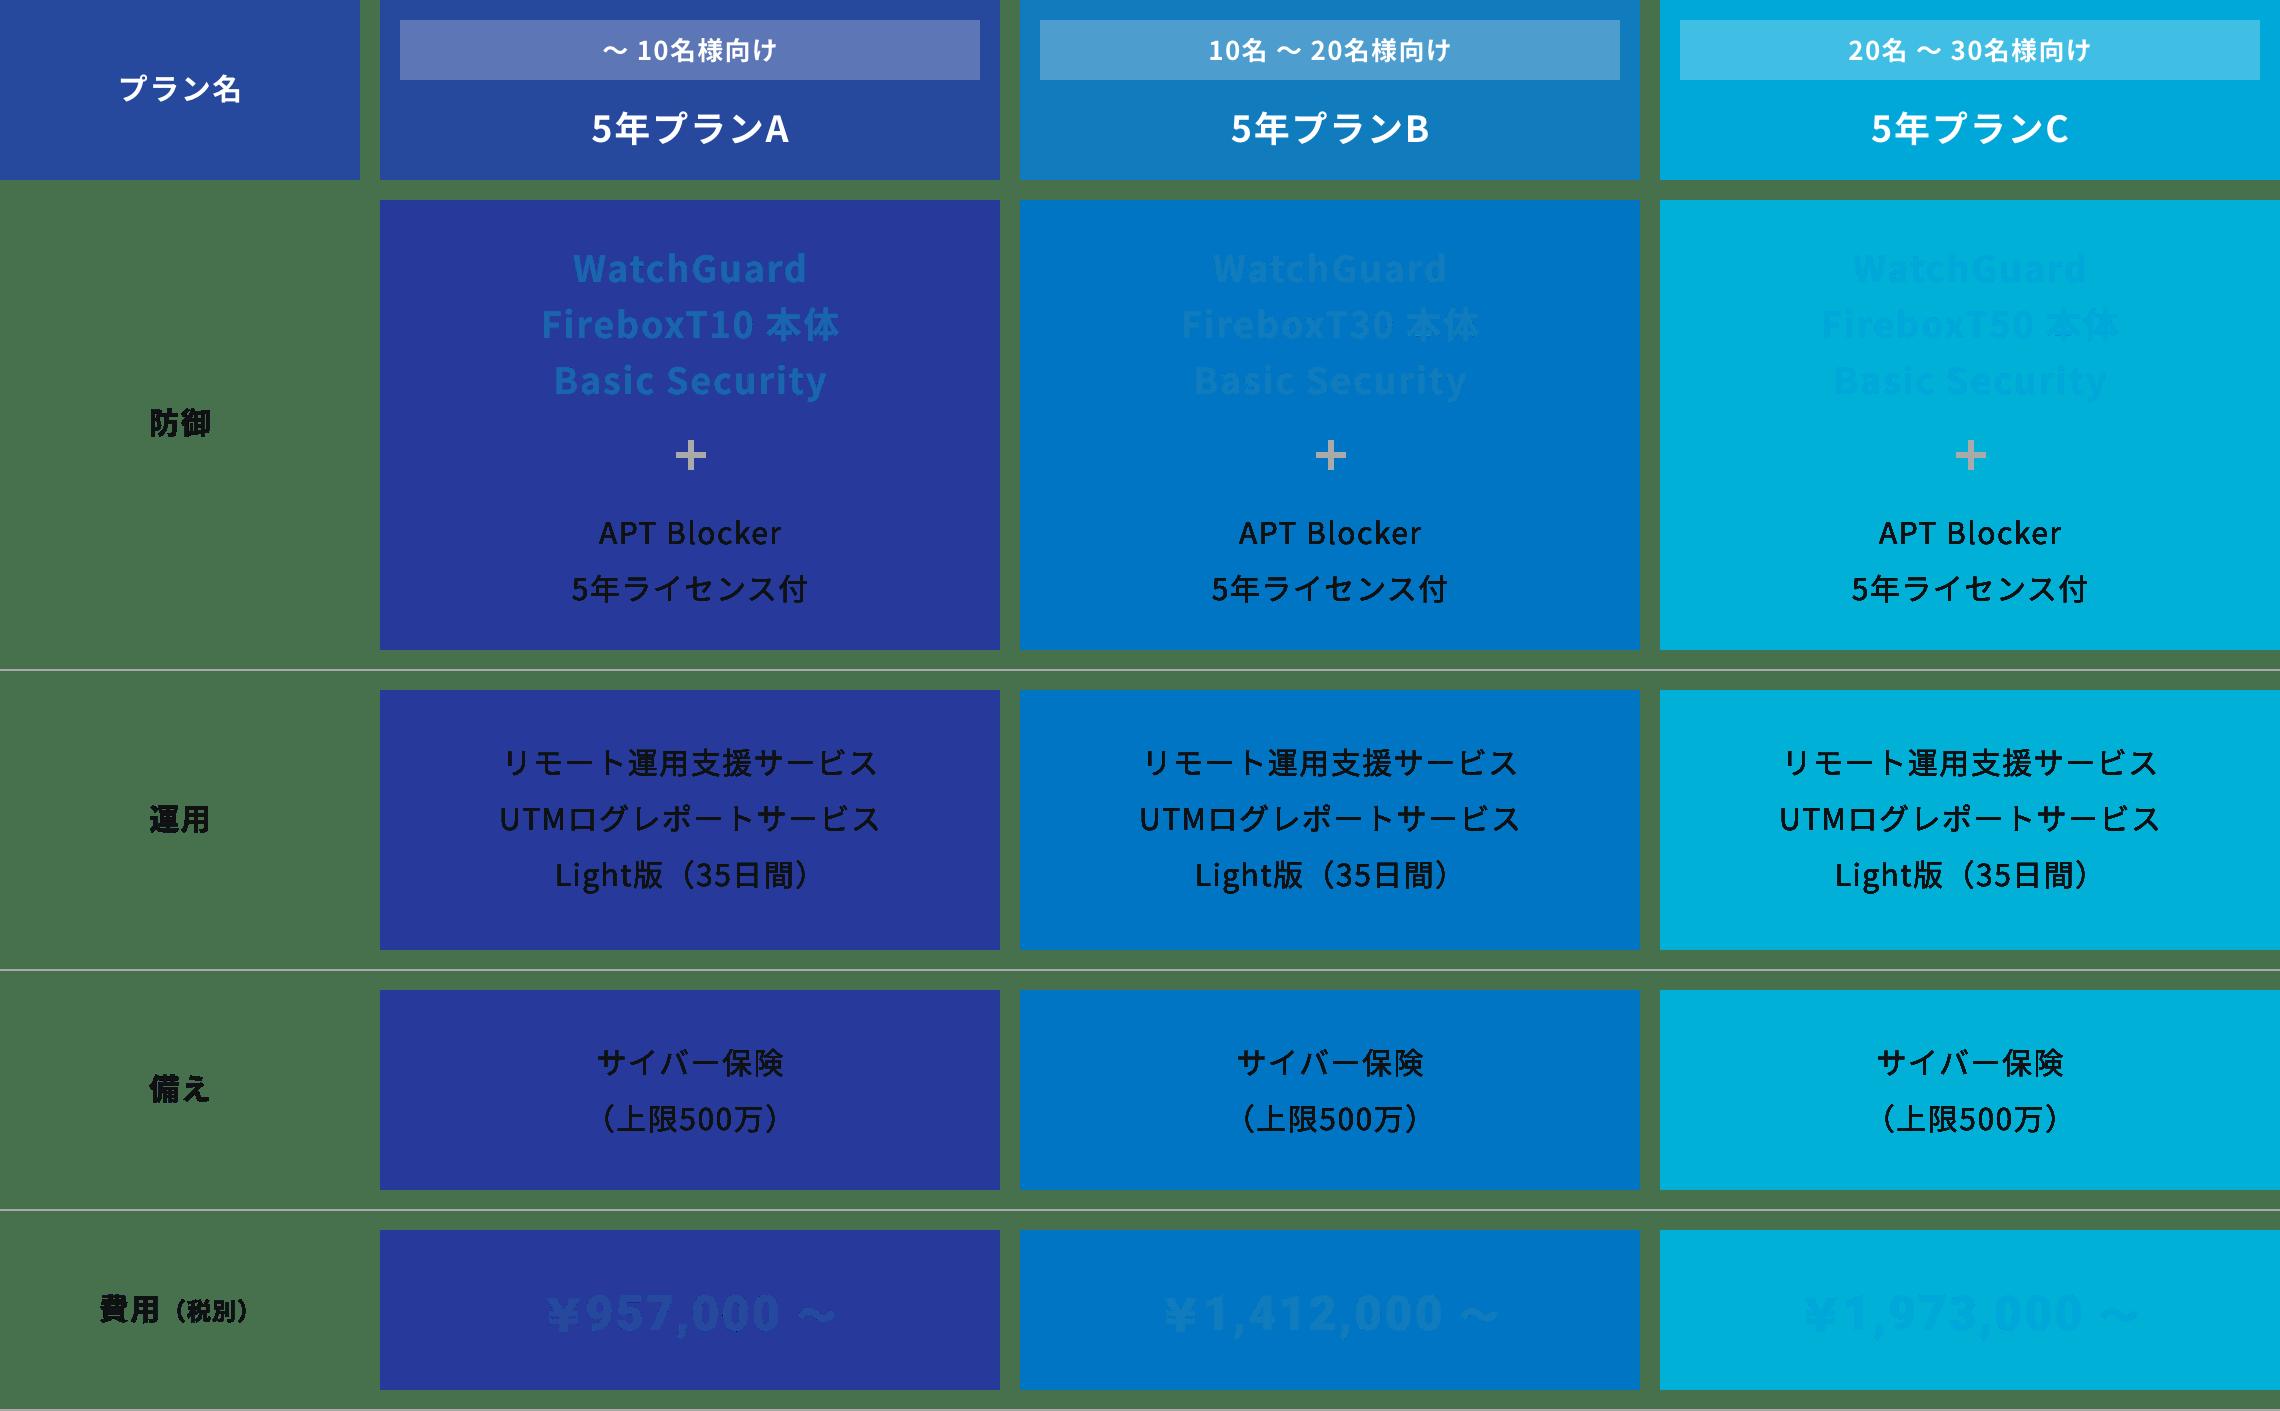 費用シミュレーションの表